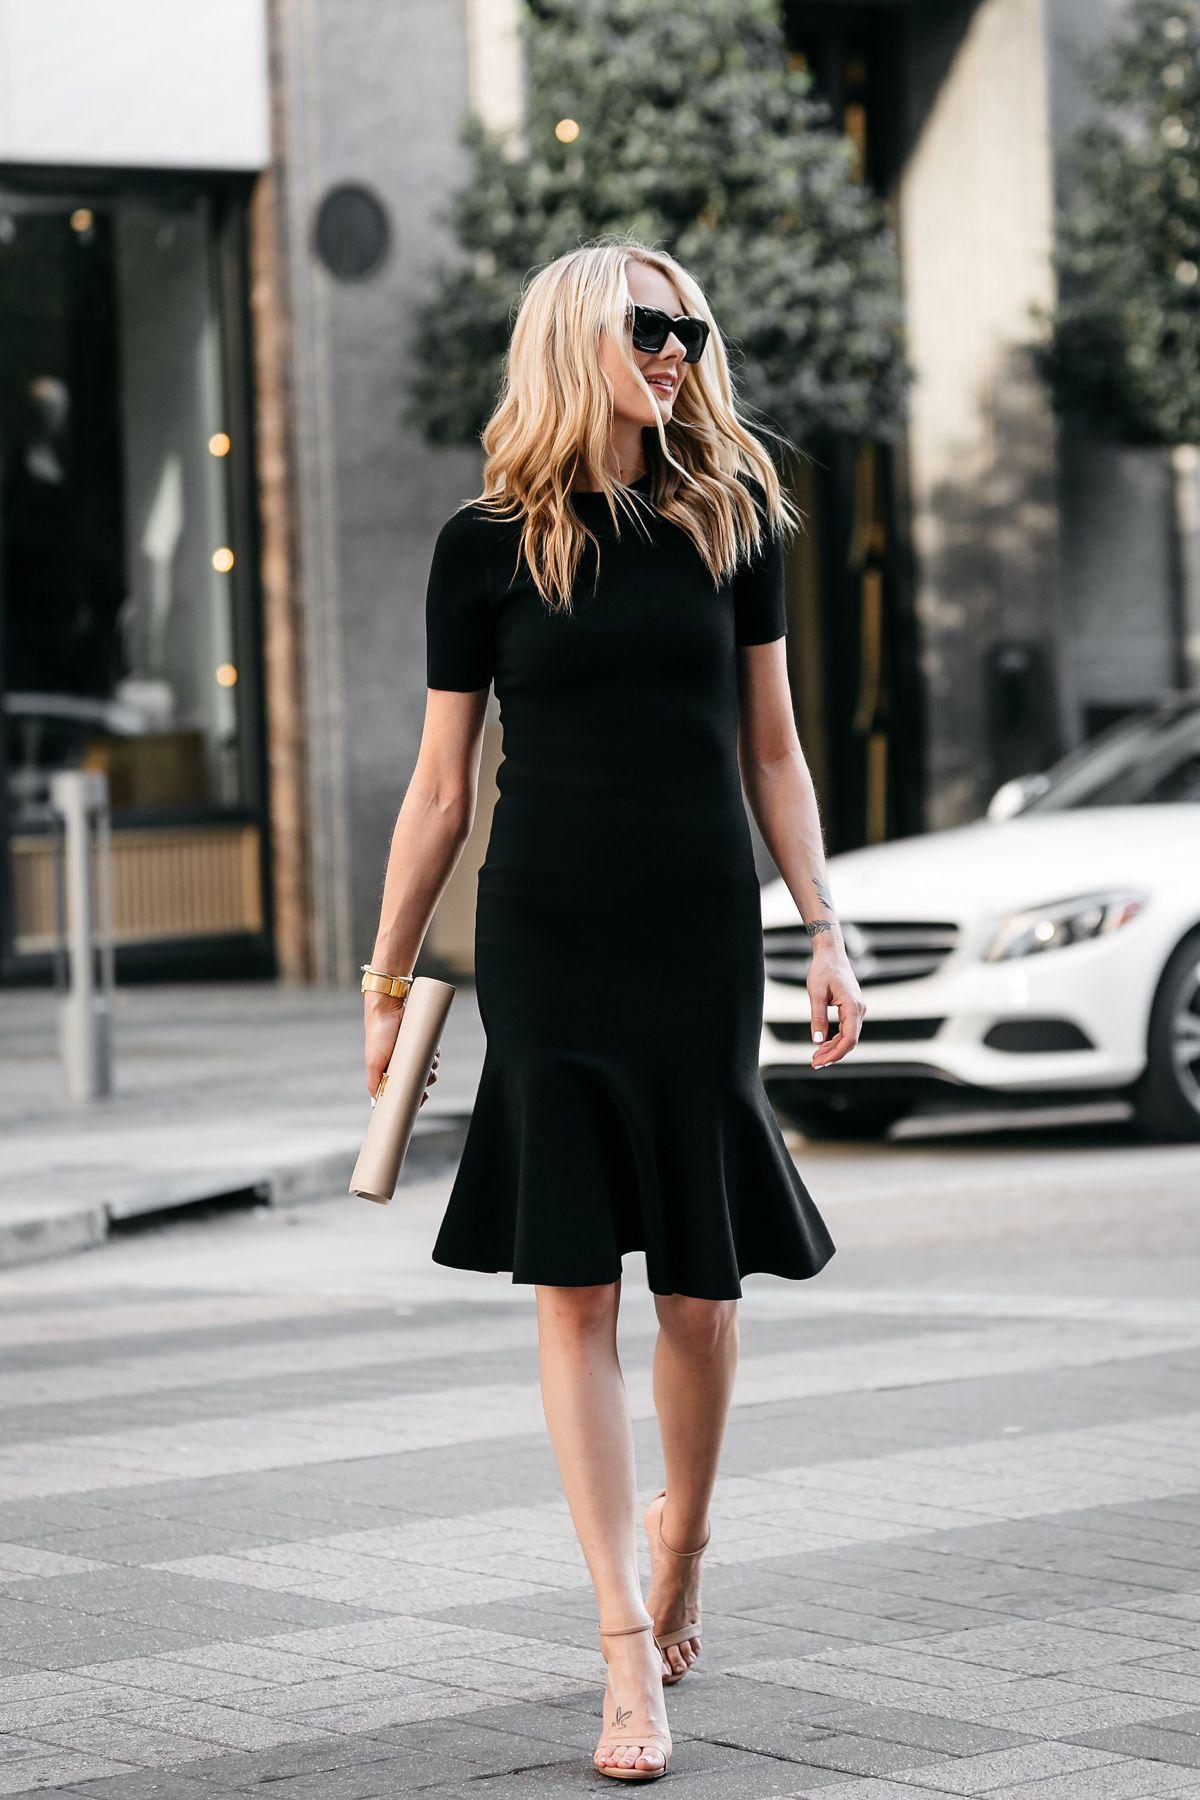 phong cách thời trang tinh tế cùng sắc trắng đen 2